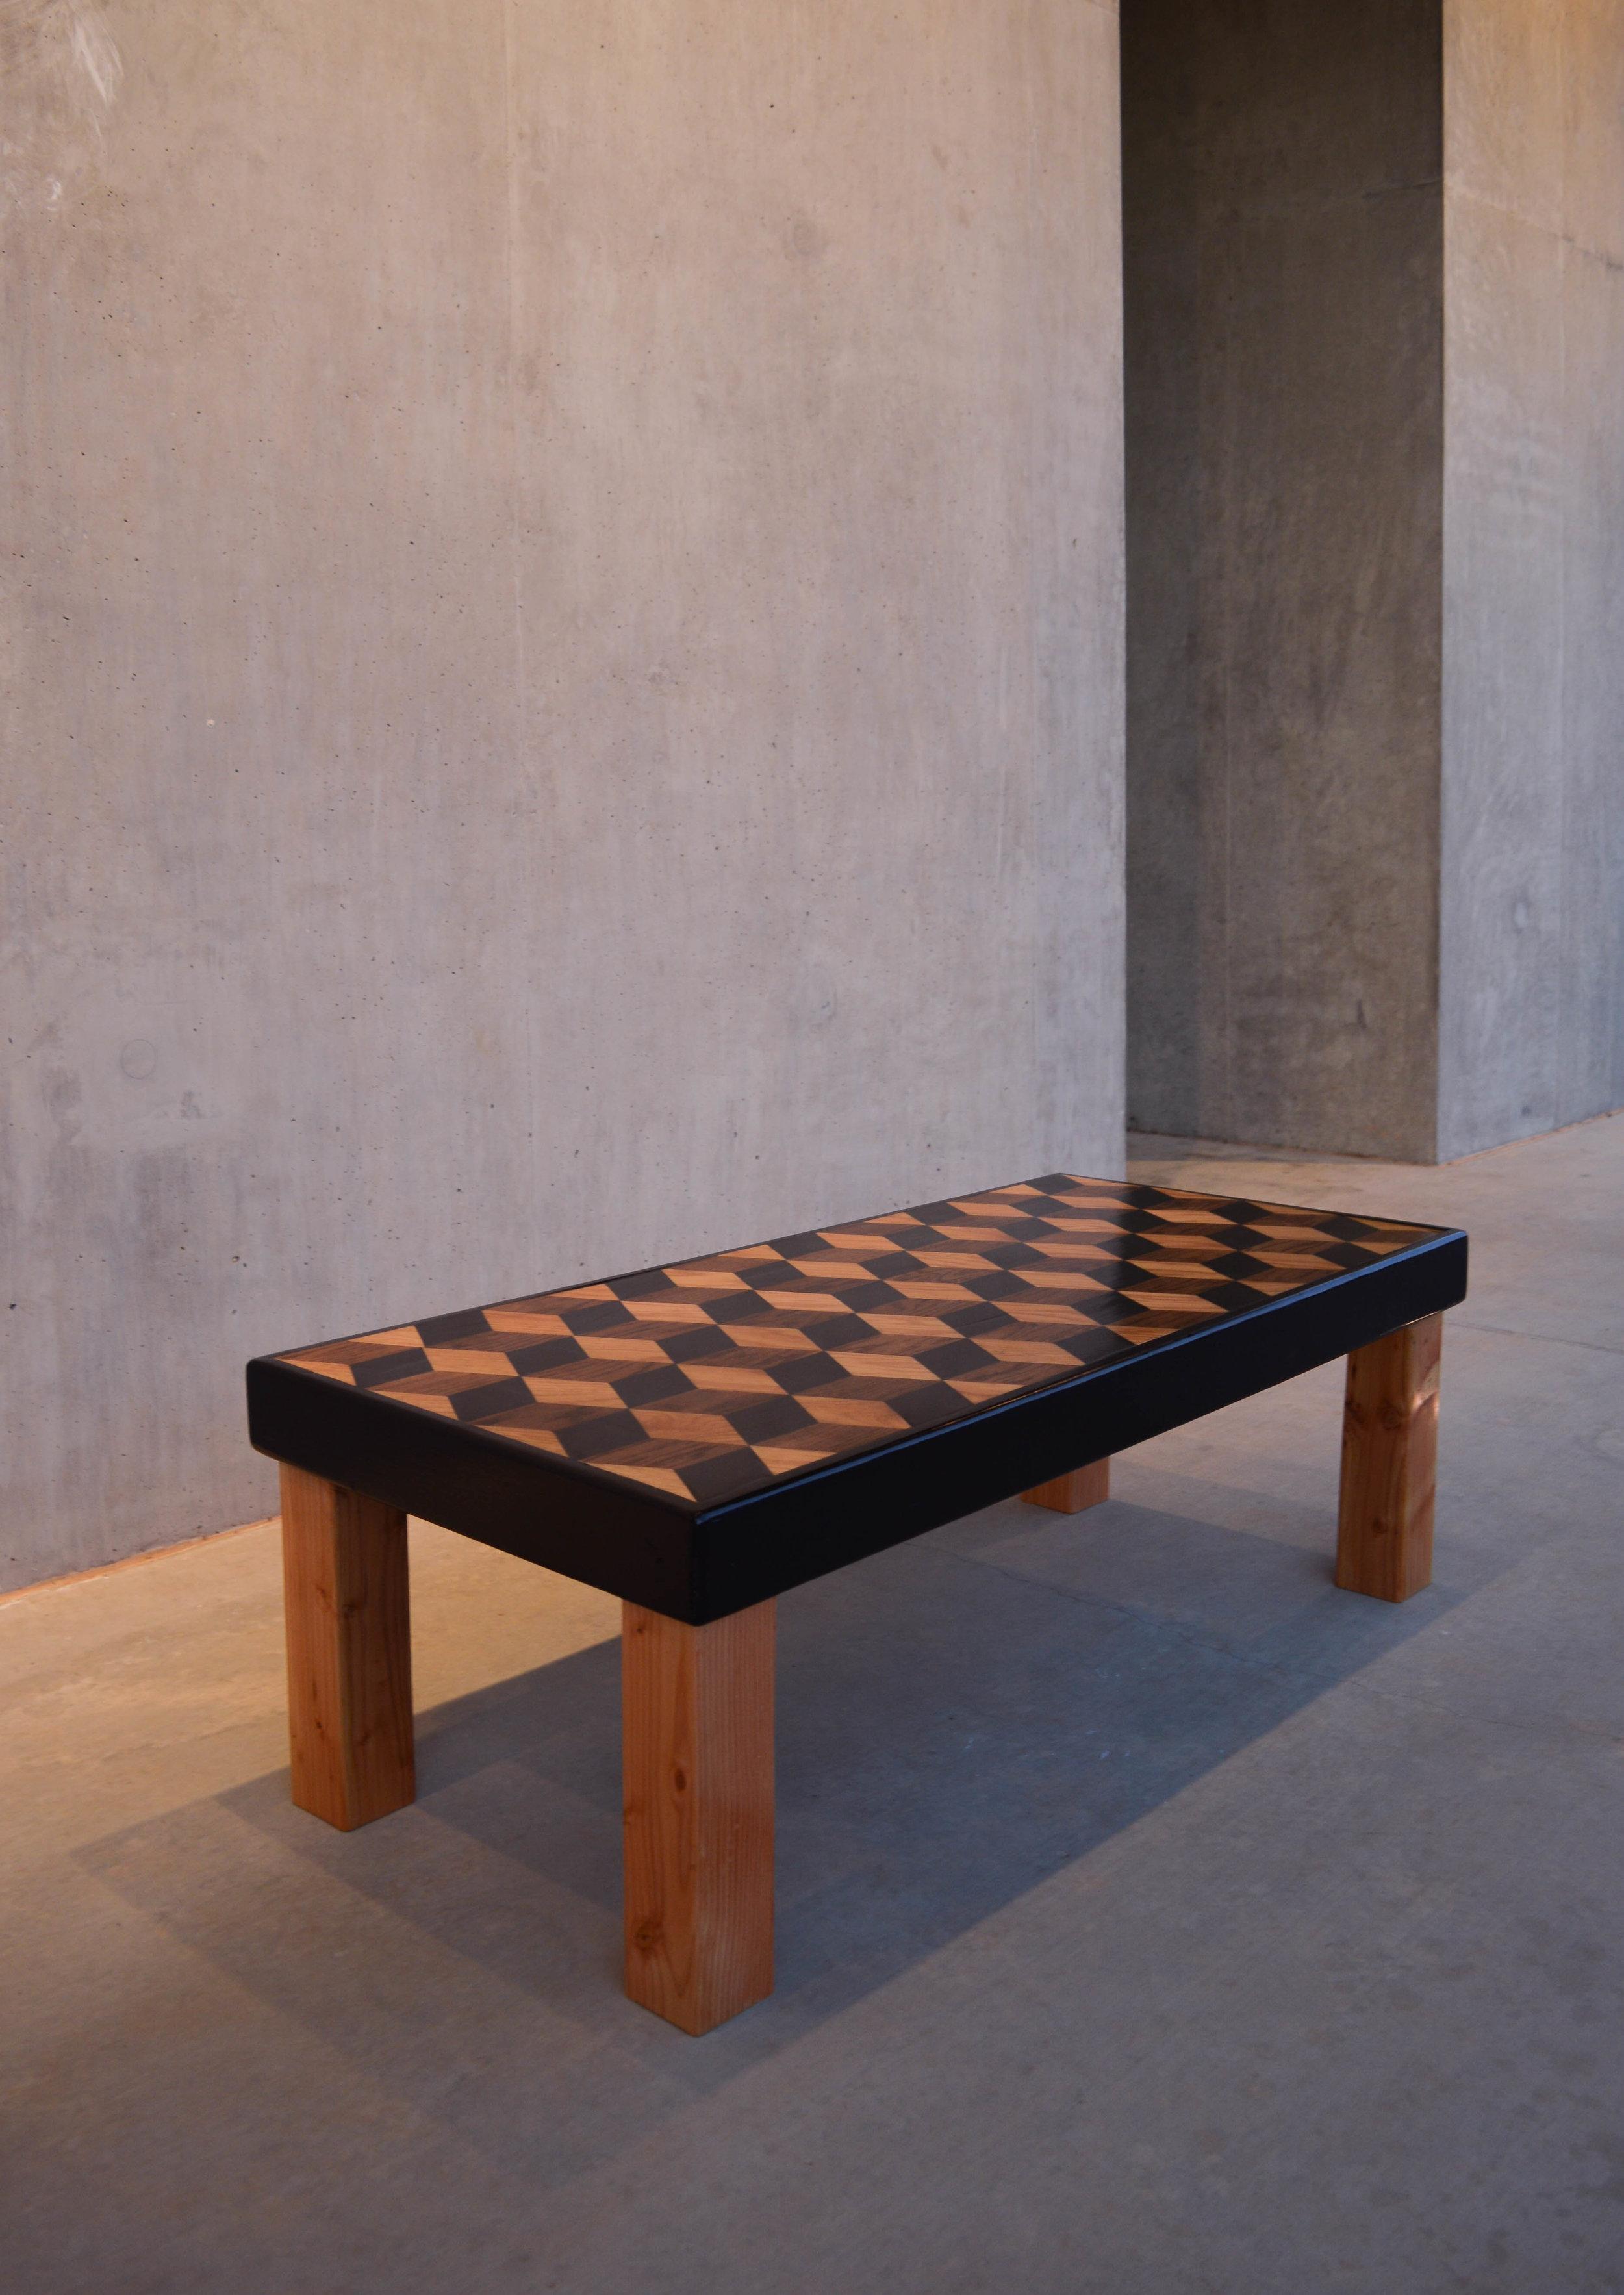 Escher Coffee Table